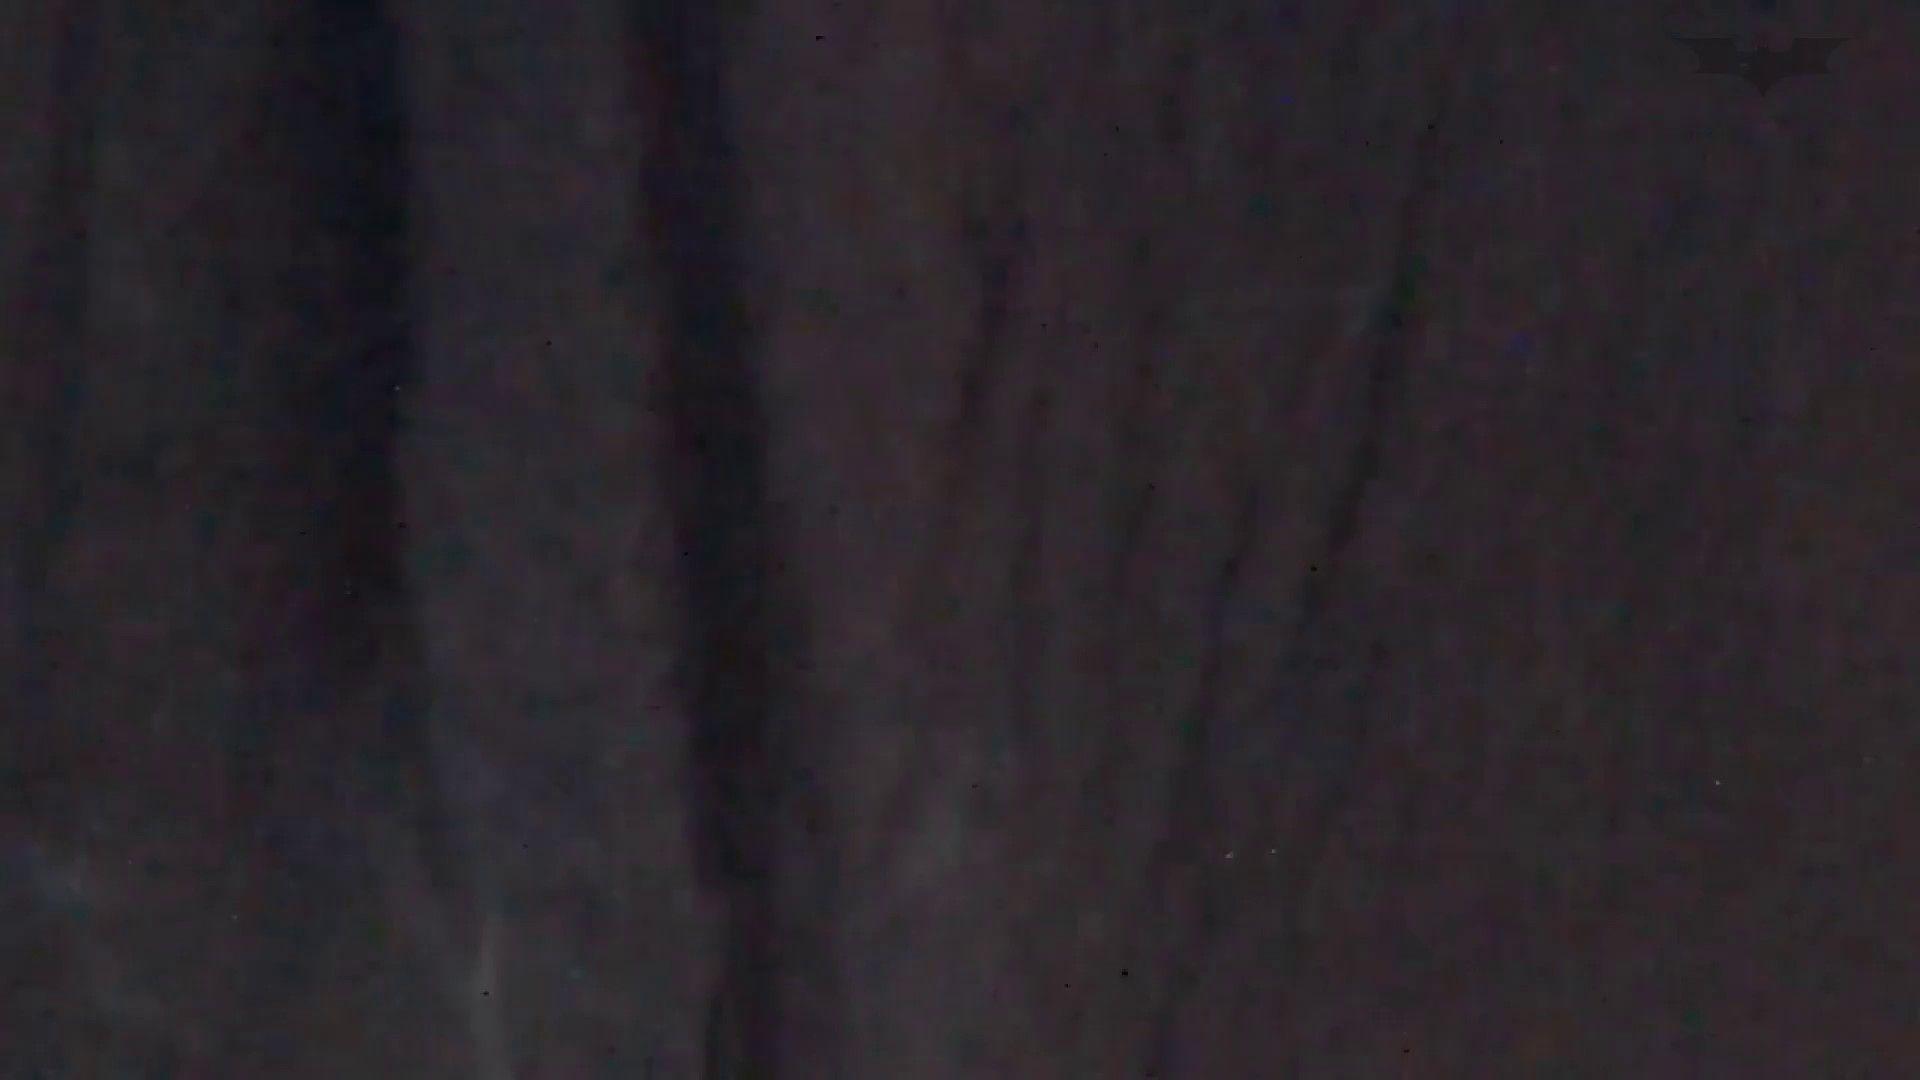 JD盗撮 美女の洗面所の秘密 Vol.61 細身 | 美女H映像  87画像 26